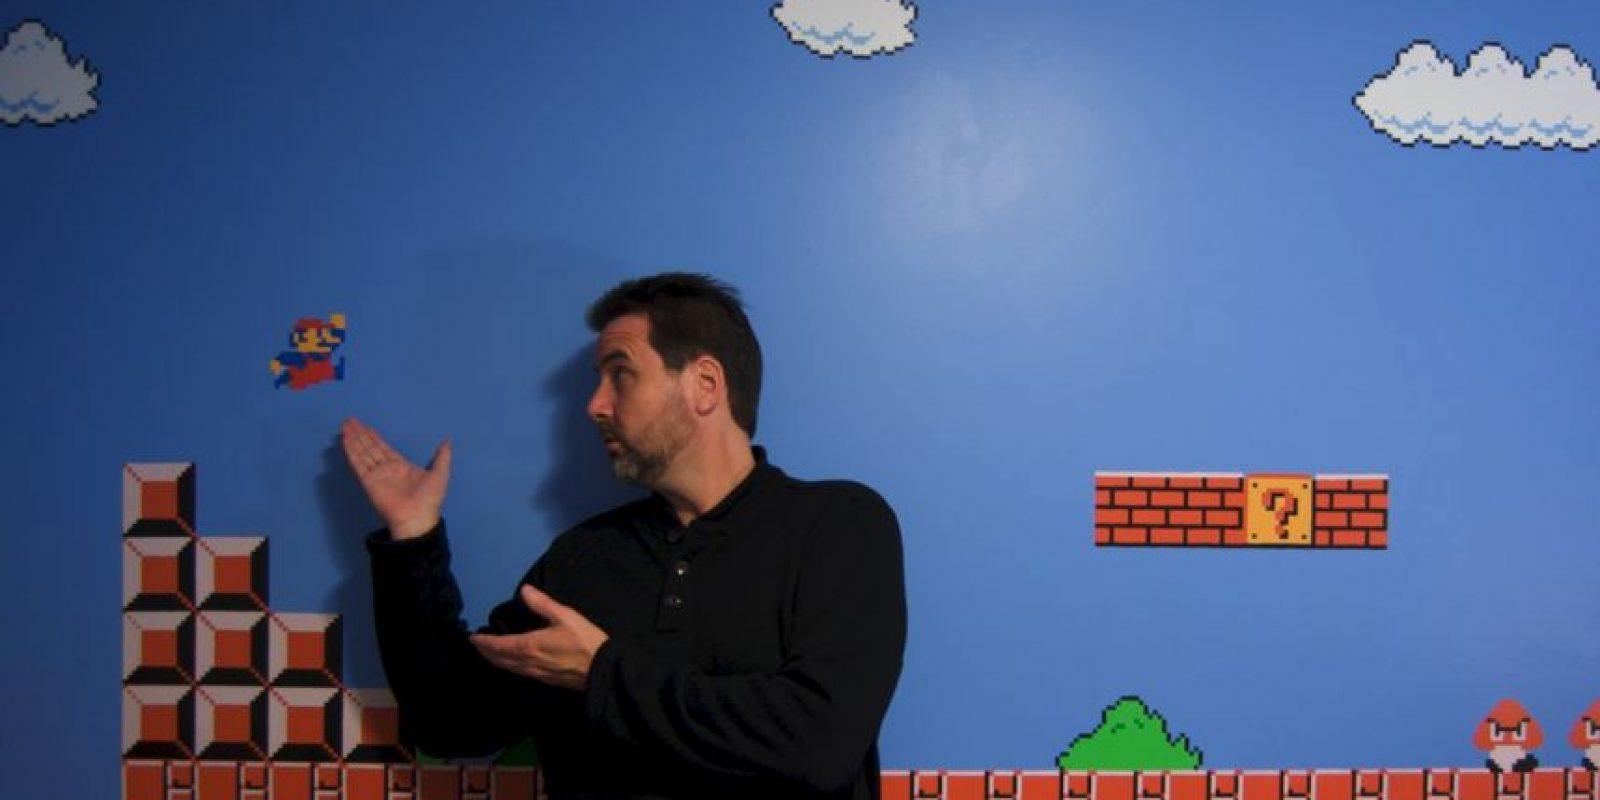 El culto a este personaje ha llevado seguidores a hacer casas dedicadas al videojuego Foto:Flicker